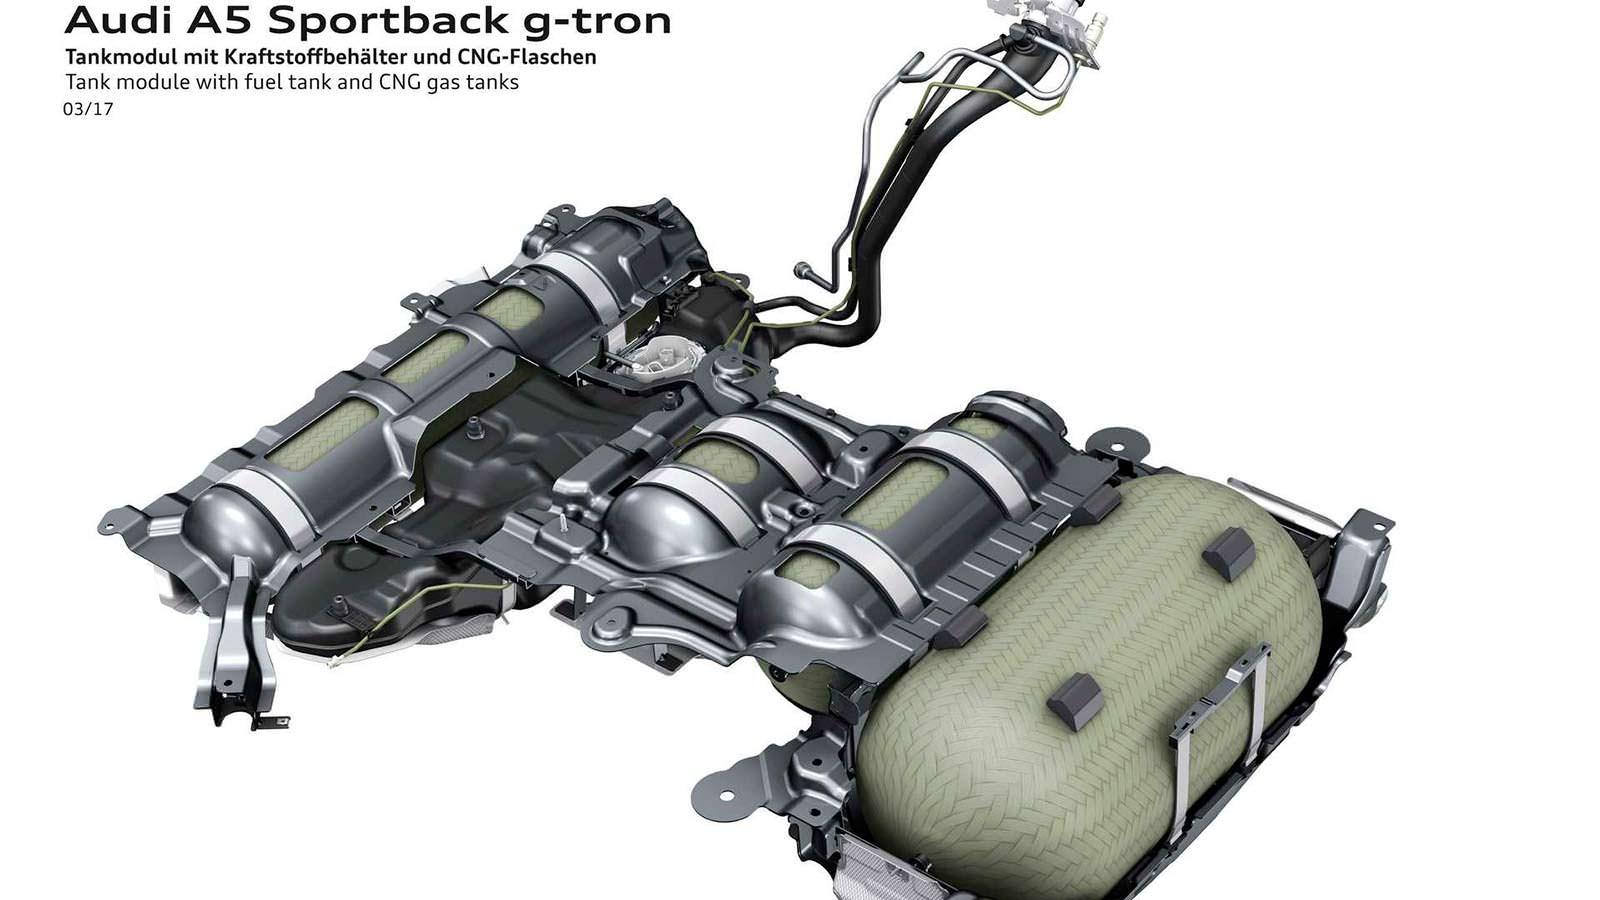 Газовые баллоны под днищем Audi A5 Sportback G-Tron